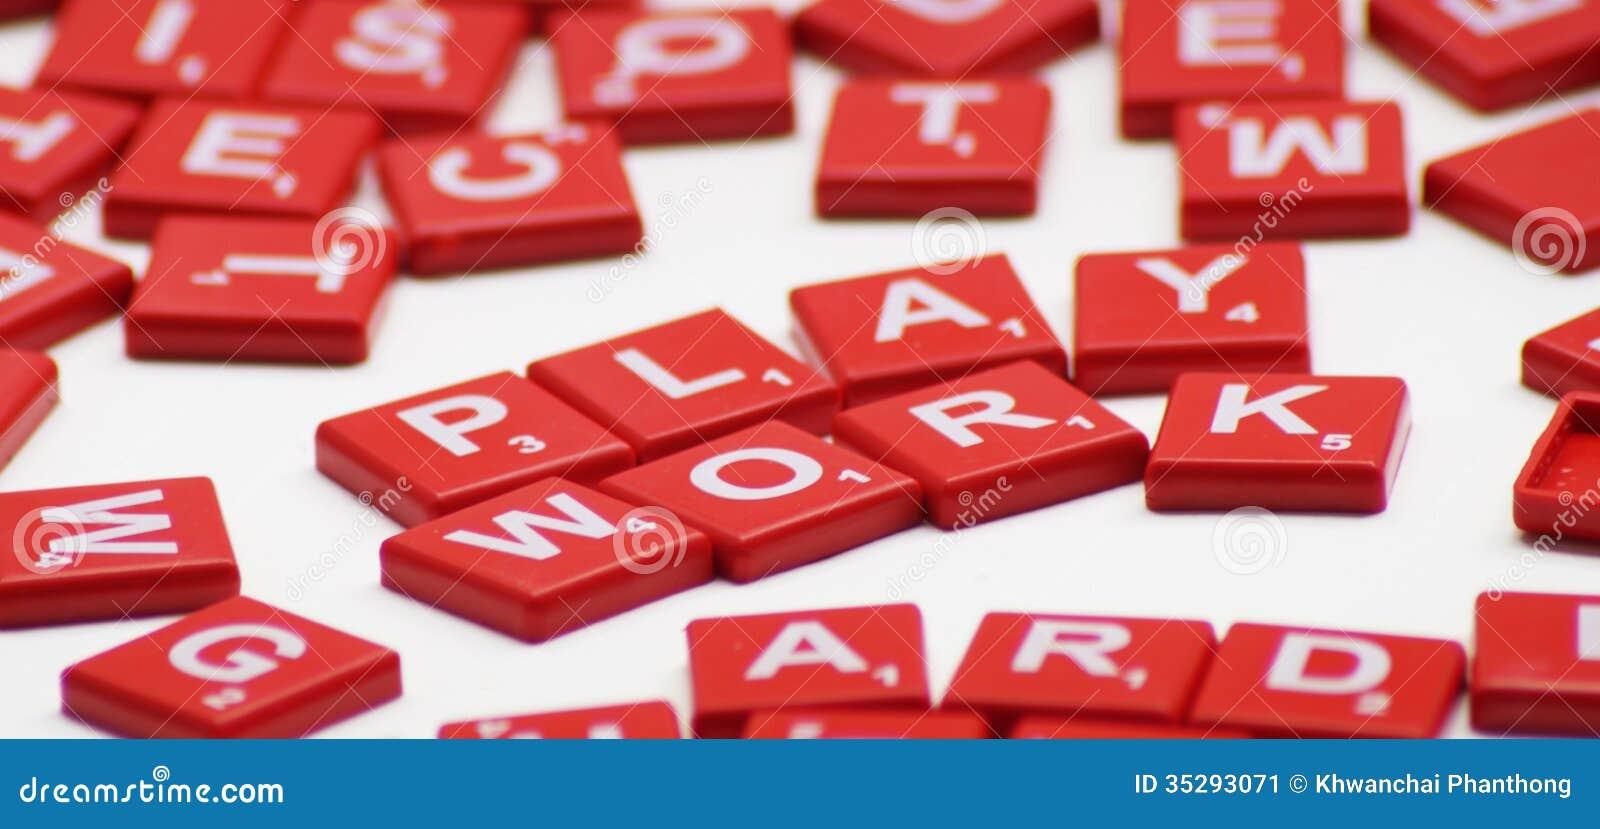 Holzfußboden Kreuzworträtsel ~ Arbeit und spielwort mit kreuzworträtsel stockbild bild von plan